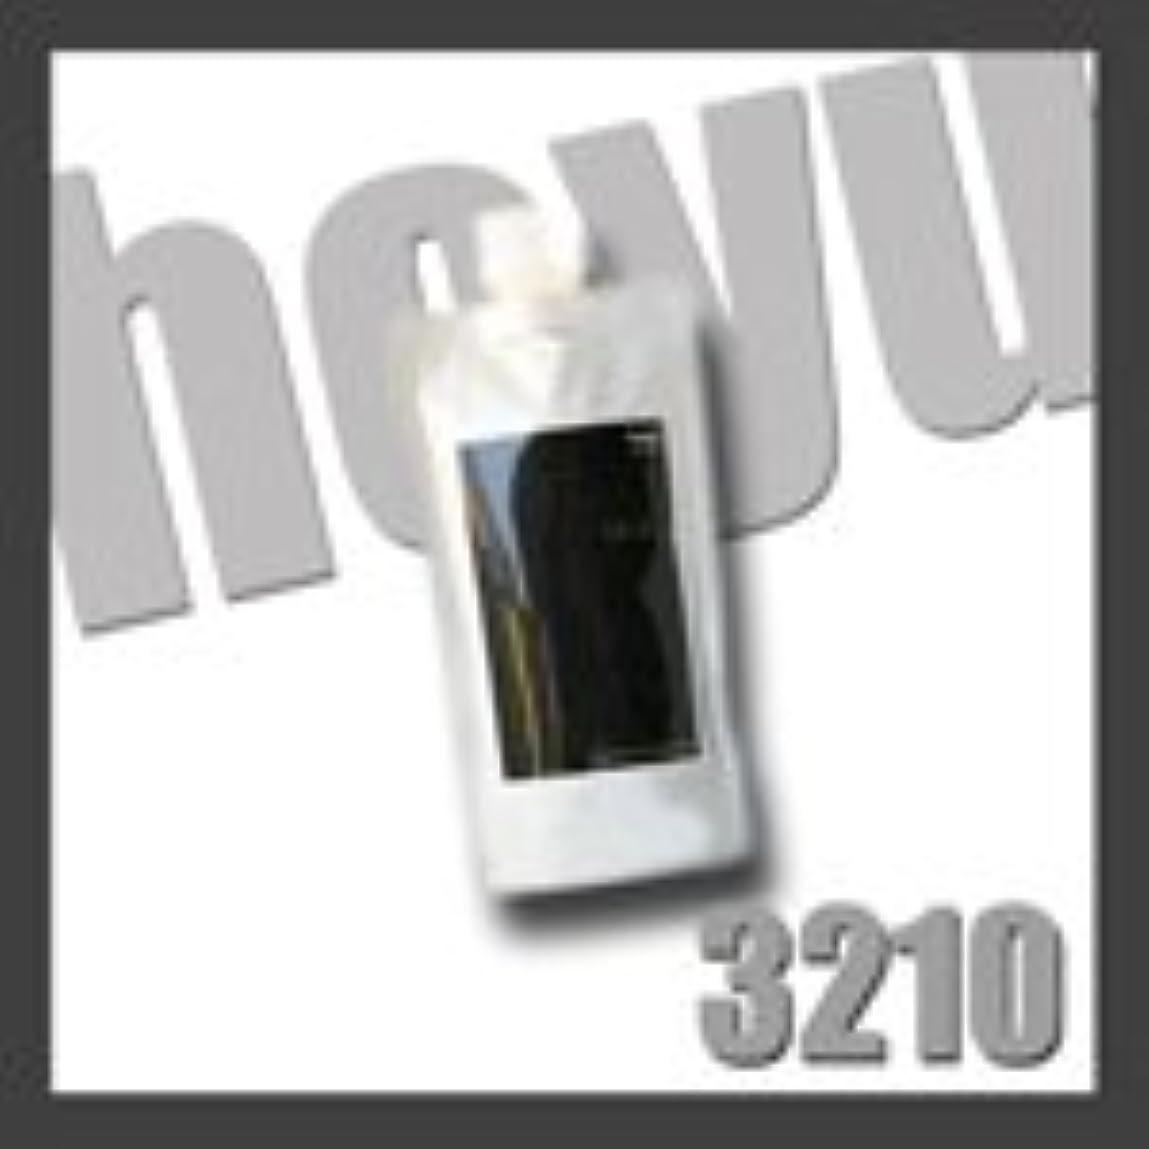 デコレーションジャズ金曜日HOYU ホーユー 3210 ミニーレ ウルトラハード ワックス レフィル 200g 詰替用 フィニッシュワークシリーズ